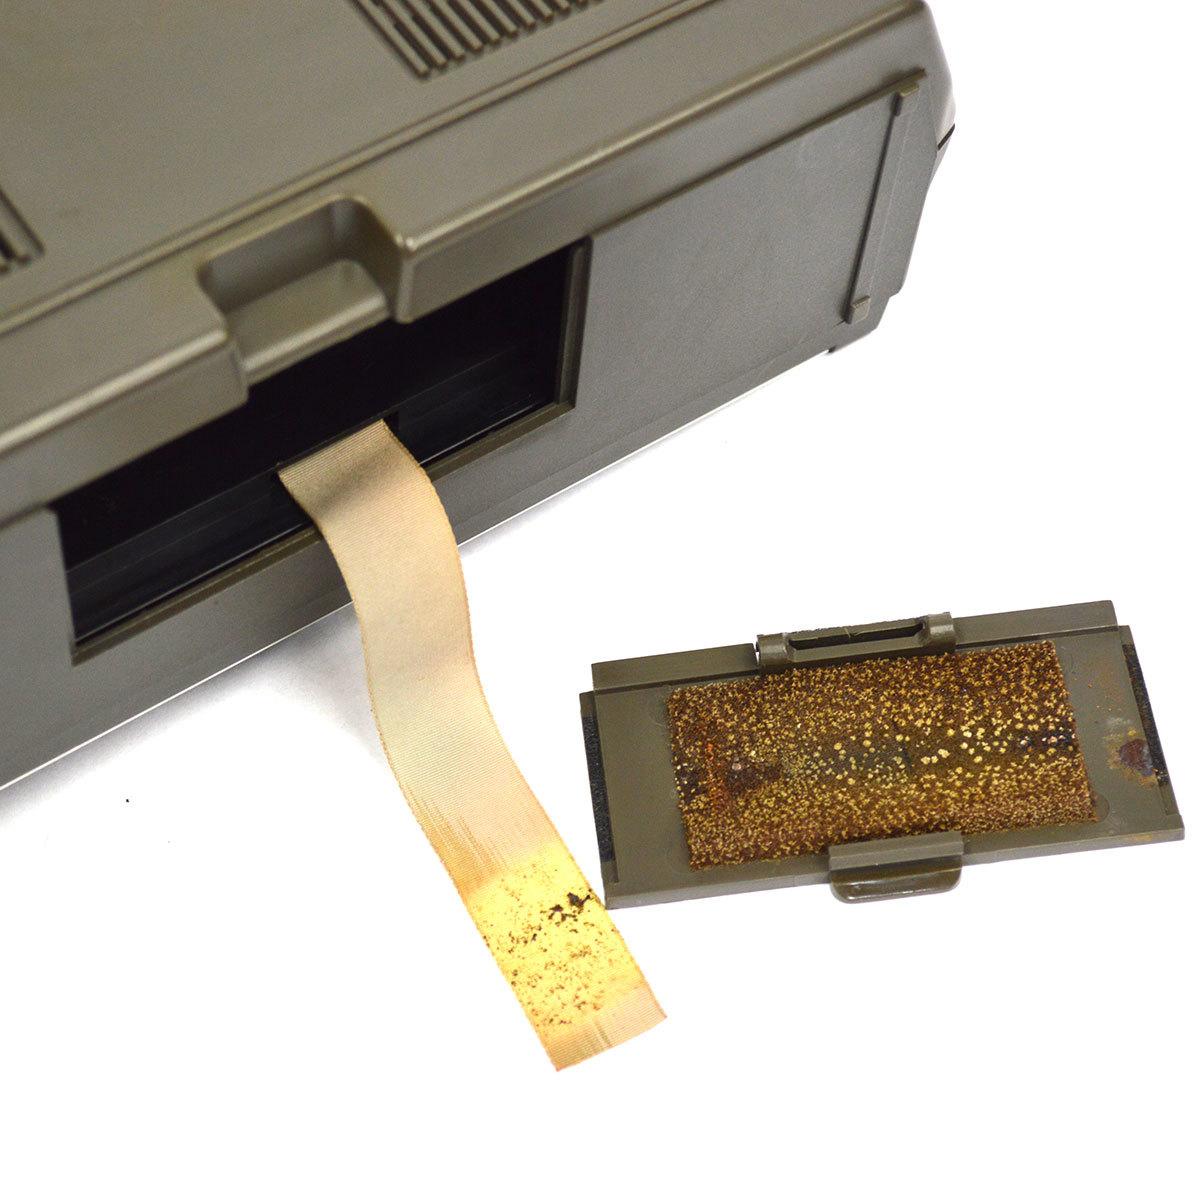 当時物 SONY ソニー ICF-5900 ラジオ スカイセンサー 5BAND バンド マルチバンド レシーバー 昭和 レトロ 東E_画像9